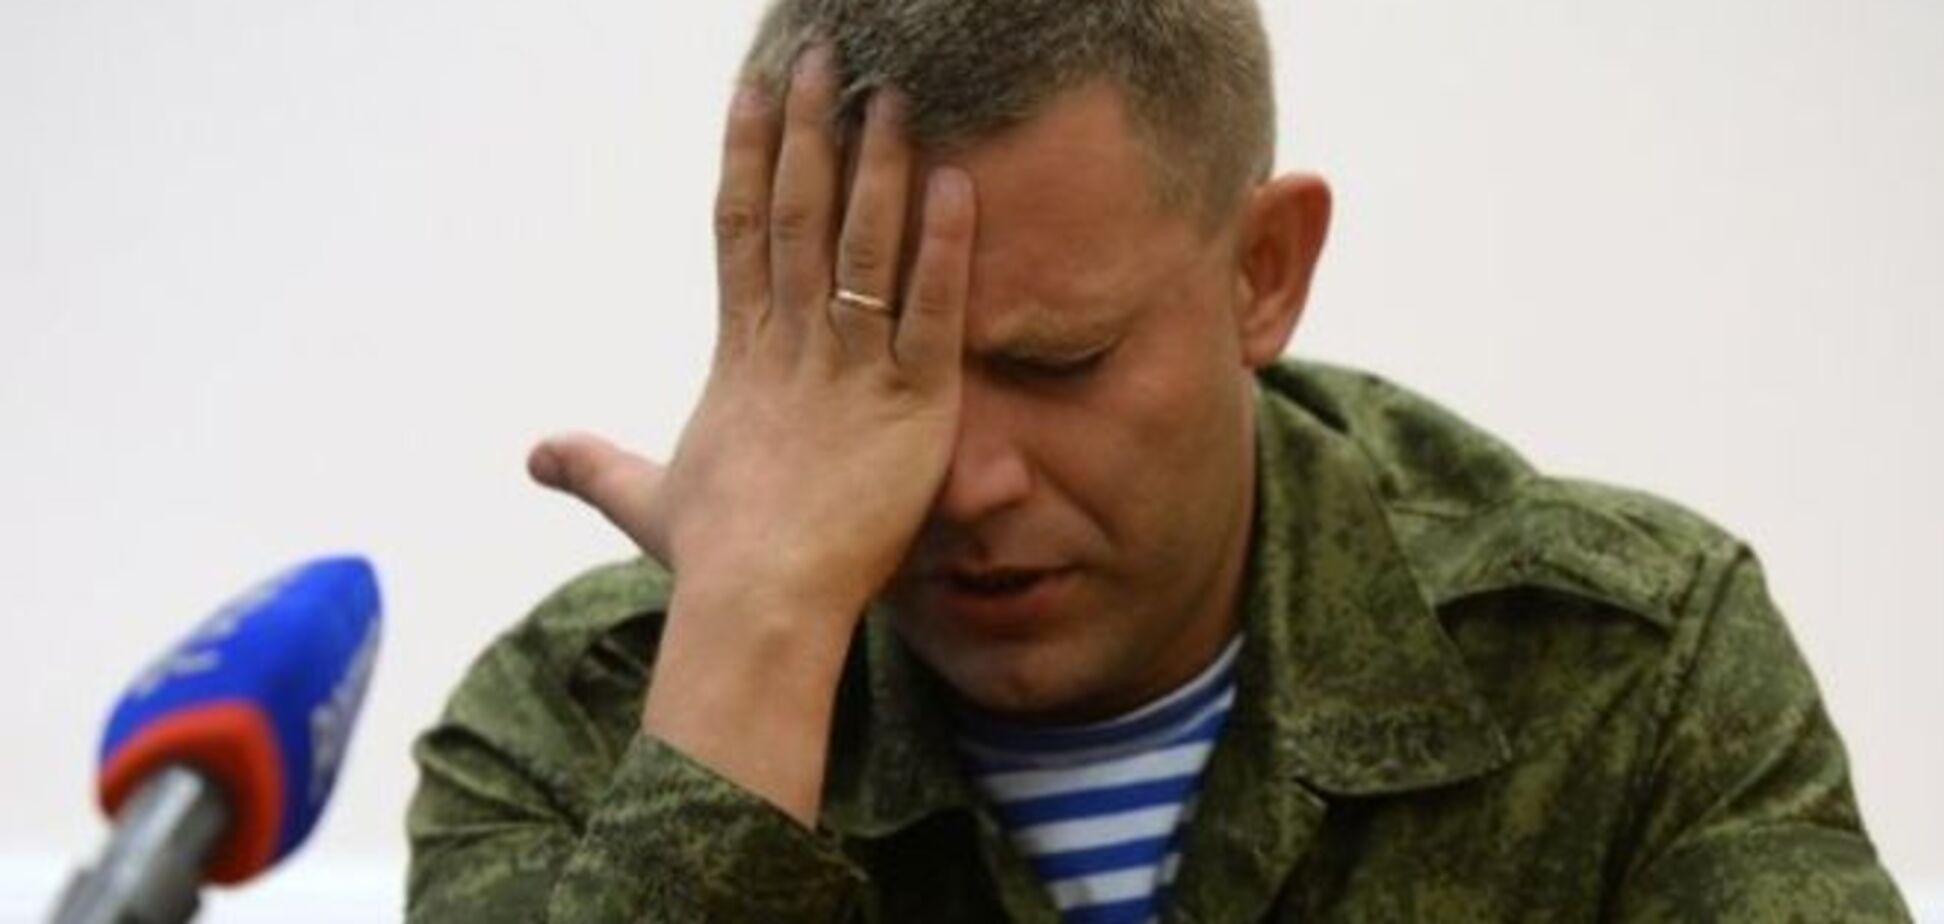 Захарченко 'амнистировал' часть заключенных ко Дню Победы